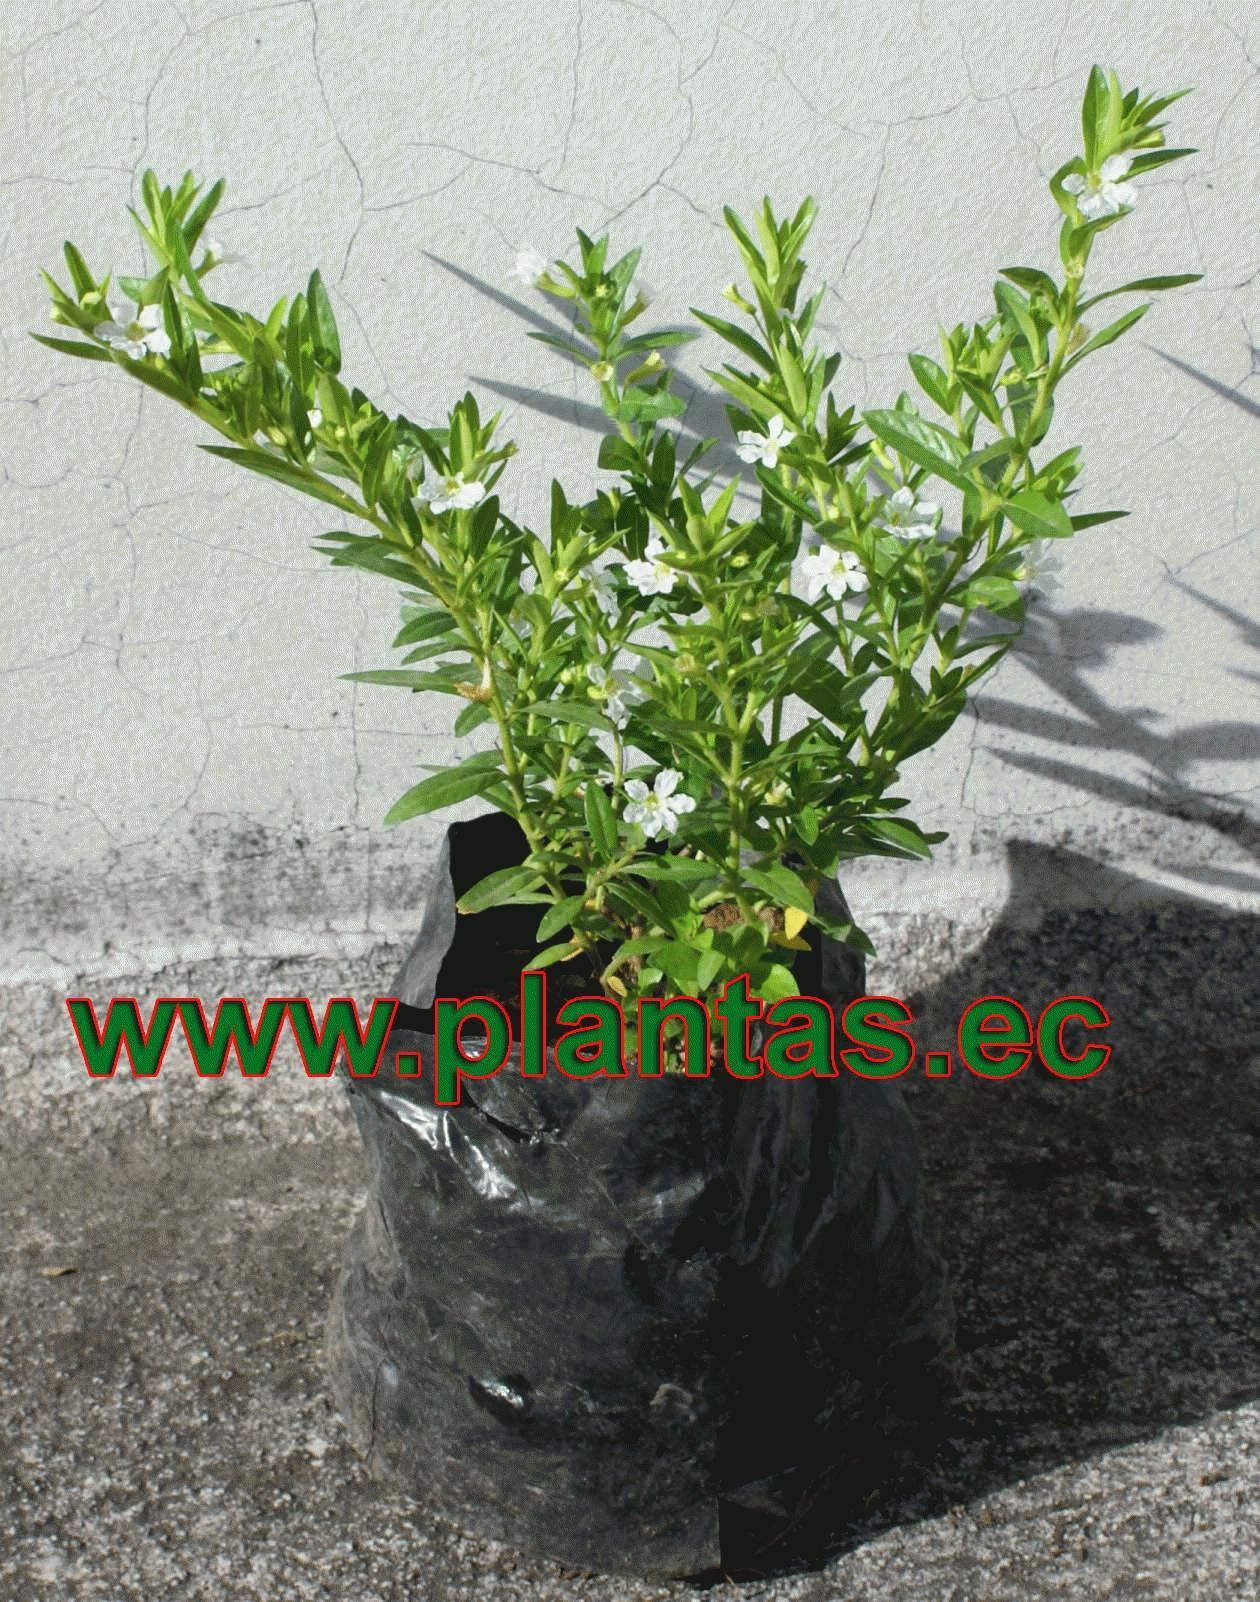 Mil flores blanco arboles frutales plantas ornamentales for Arbustos ornamentales